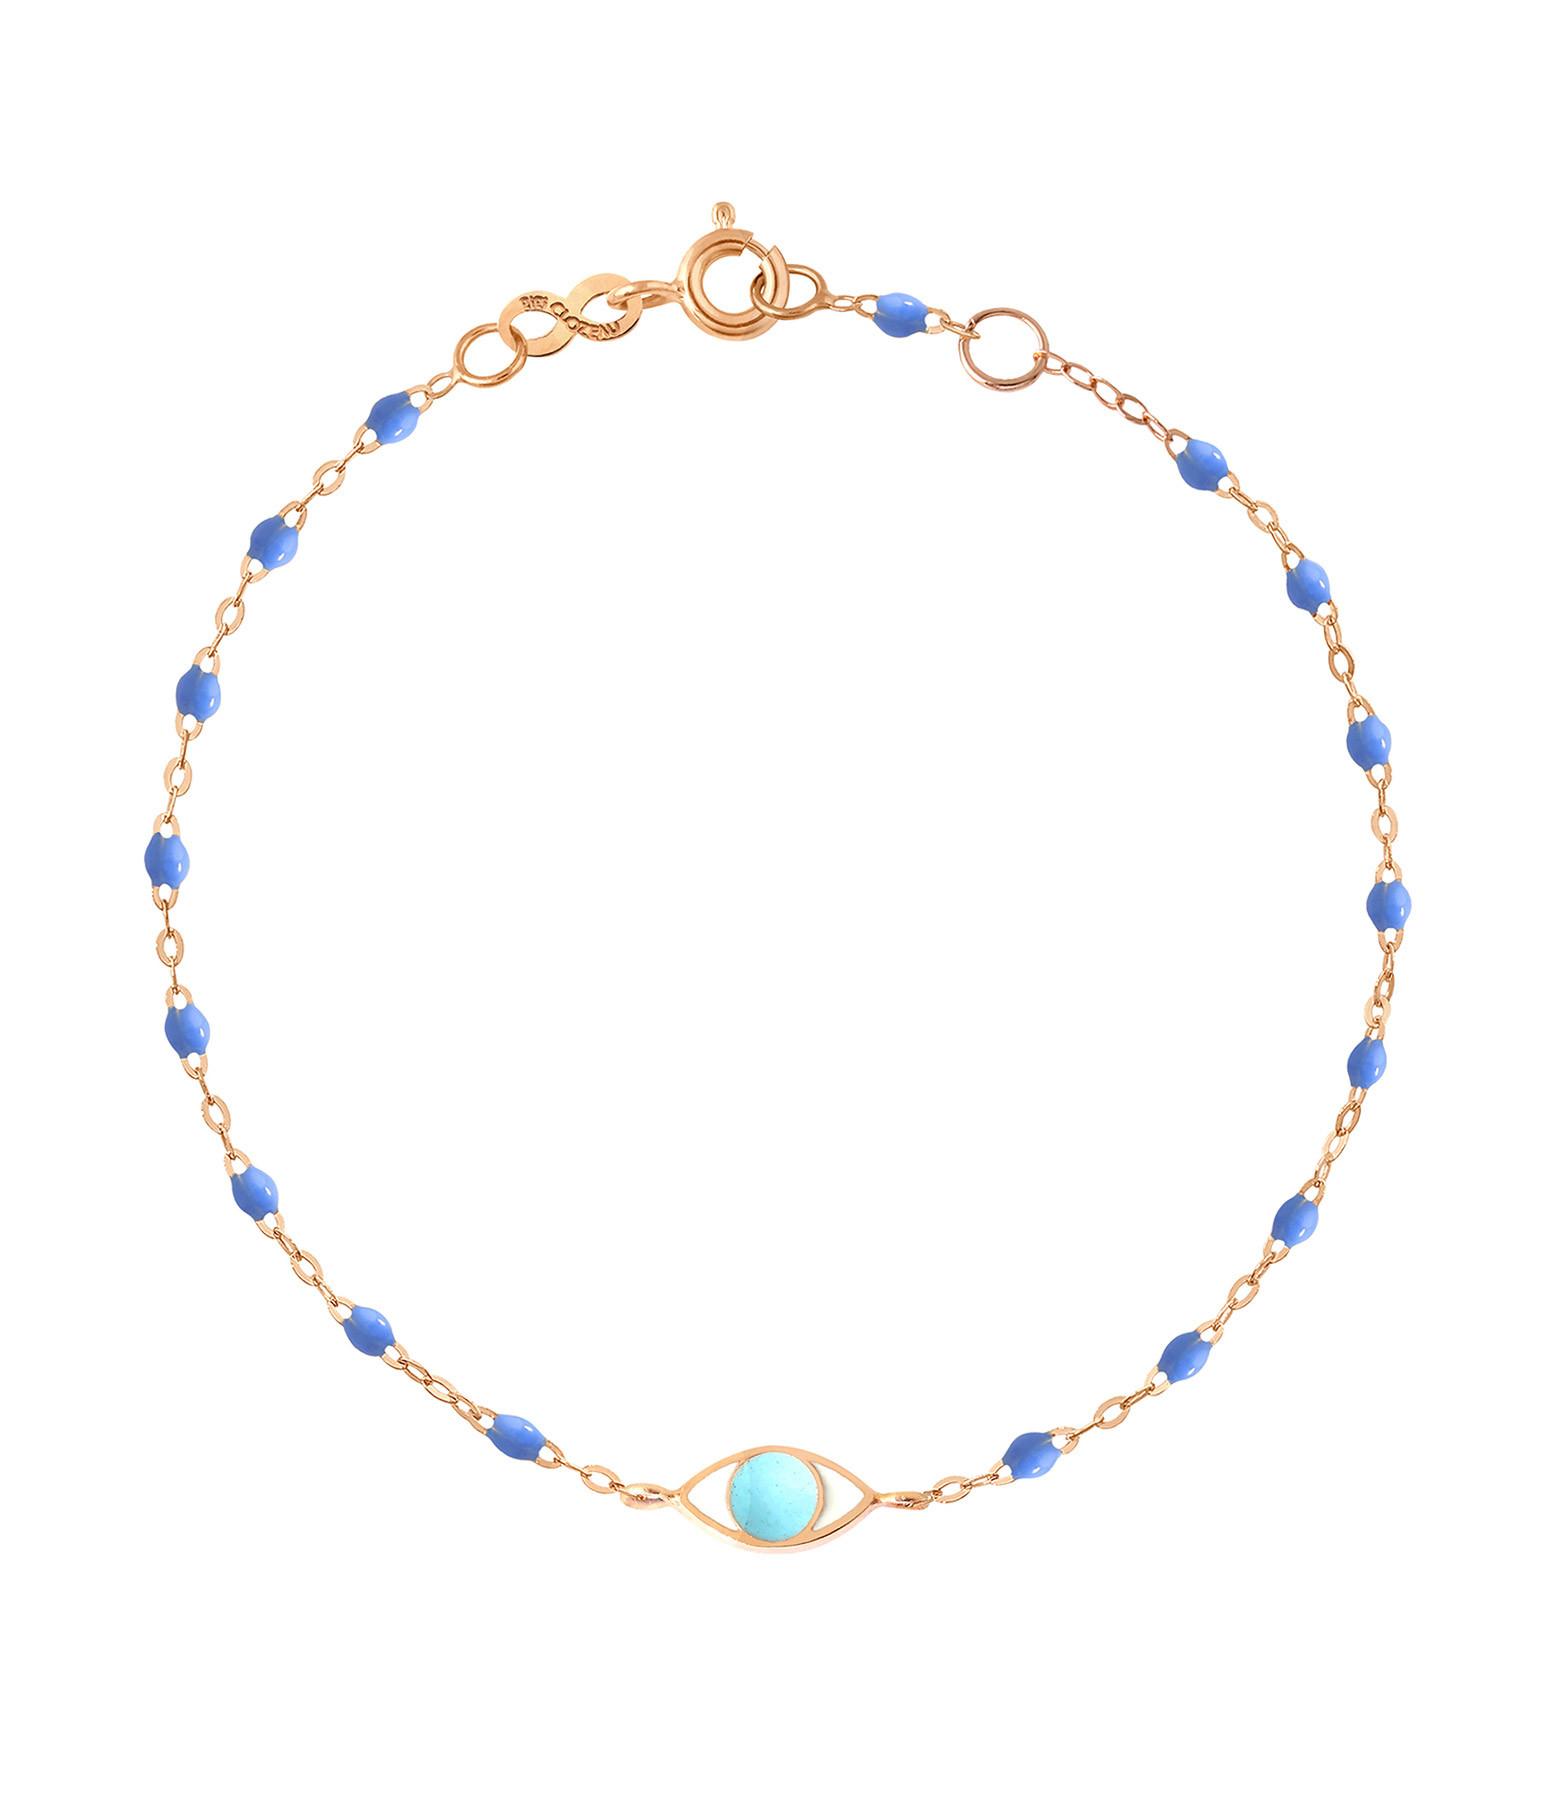 GIGI CLOZEAU - Bracelet Voyage Oeil Résine Bleu turquoise OG